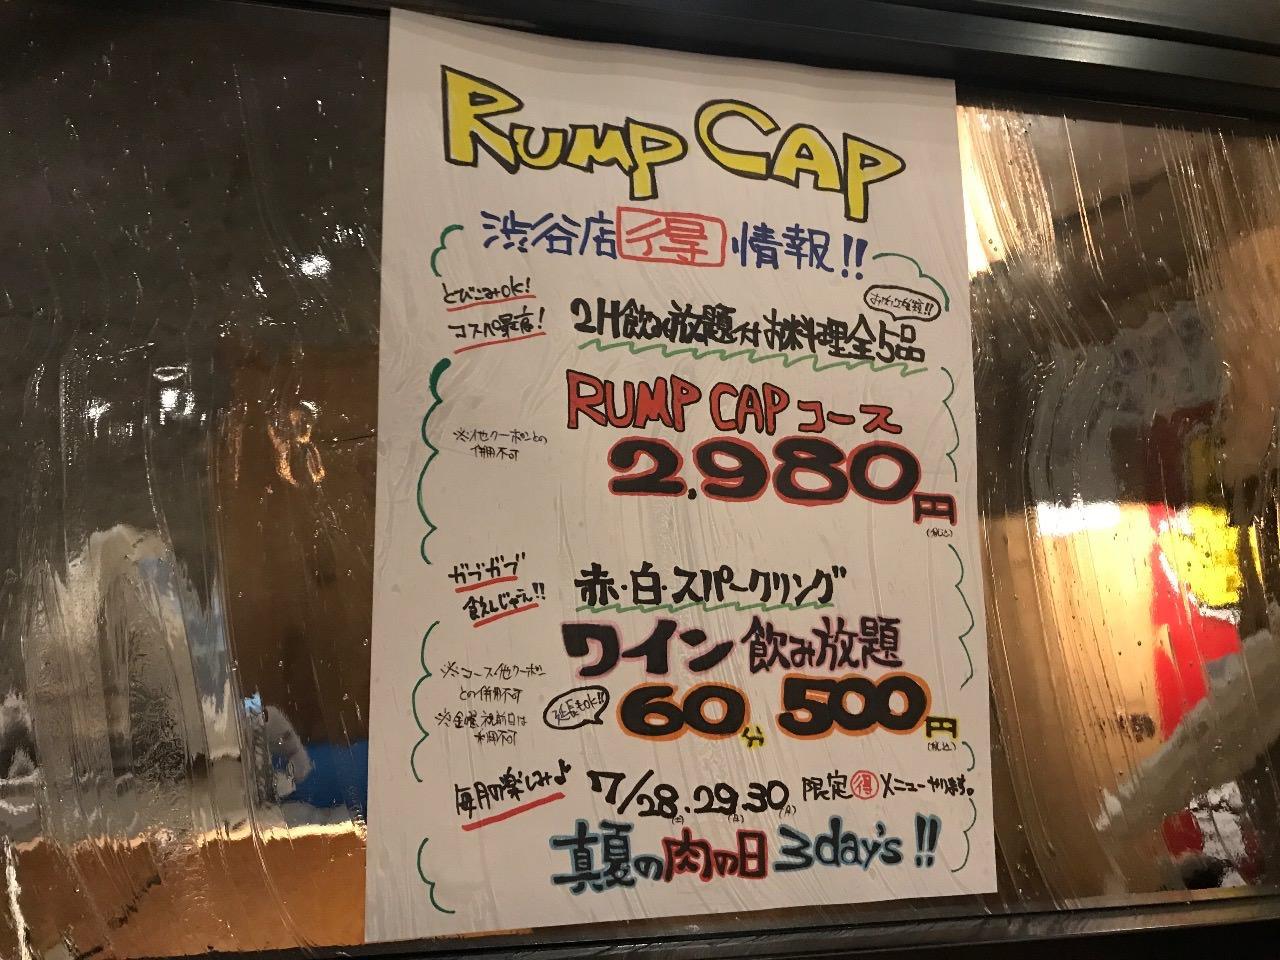 ランプキャップ渋谷店 ワイン60分500円飲み放題